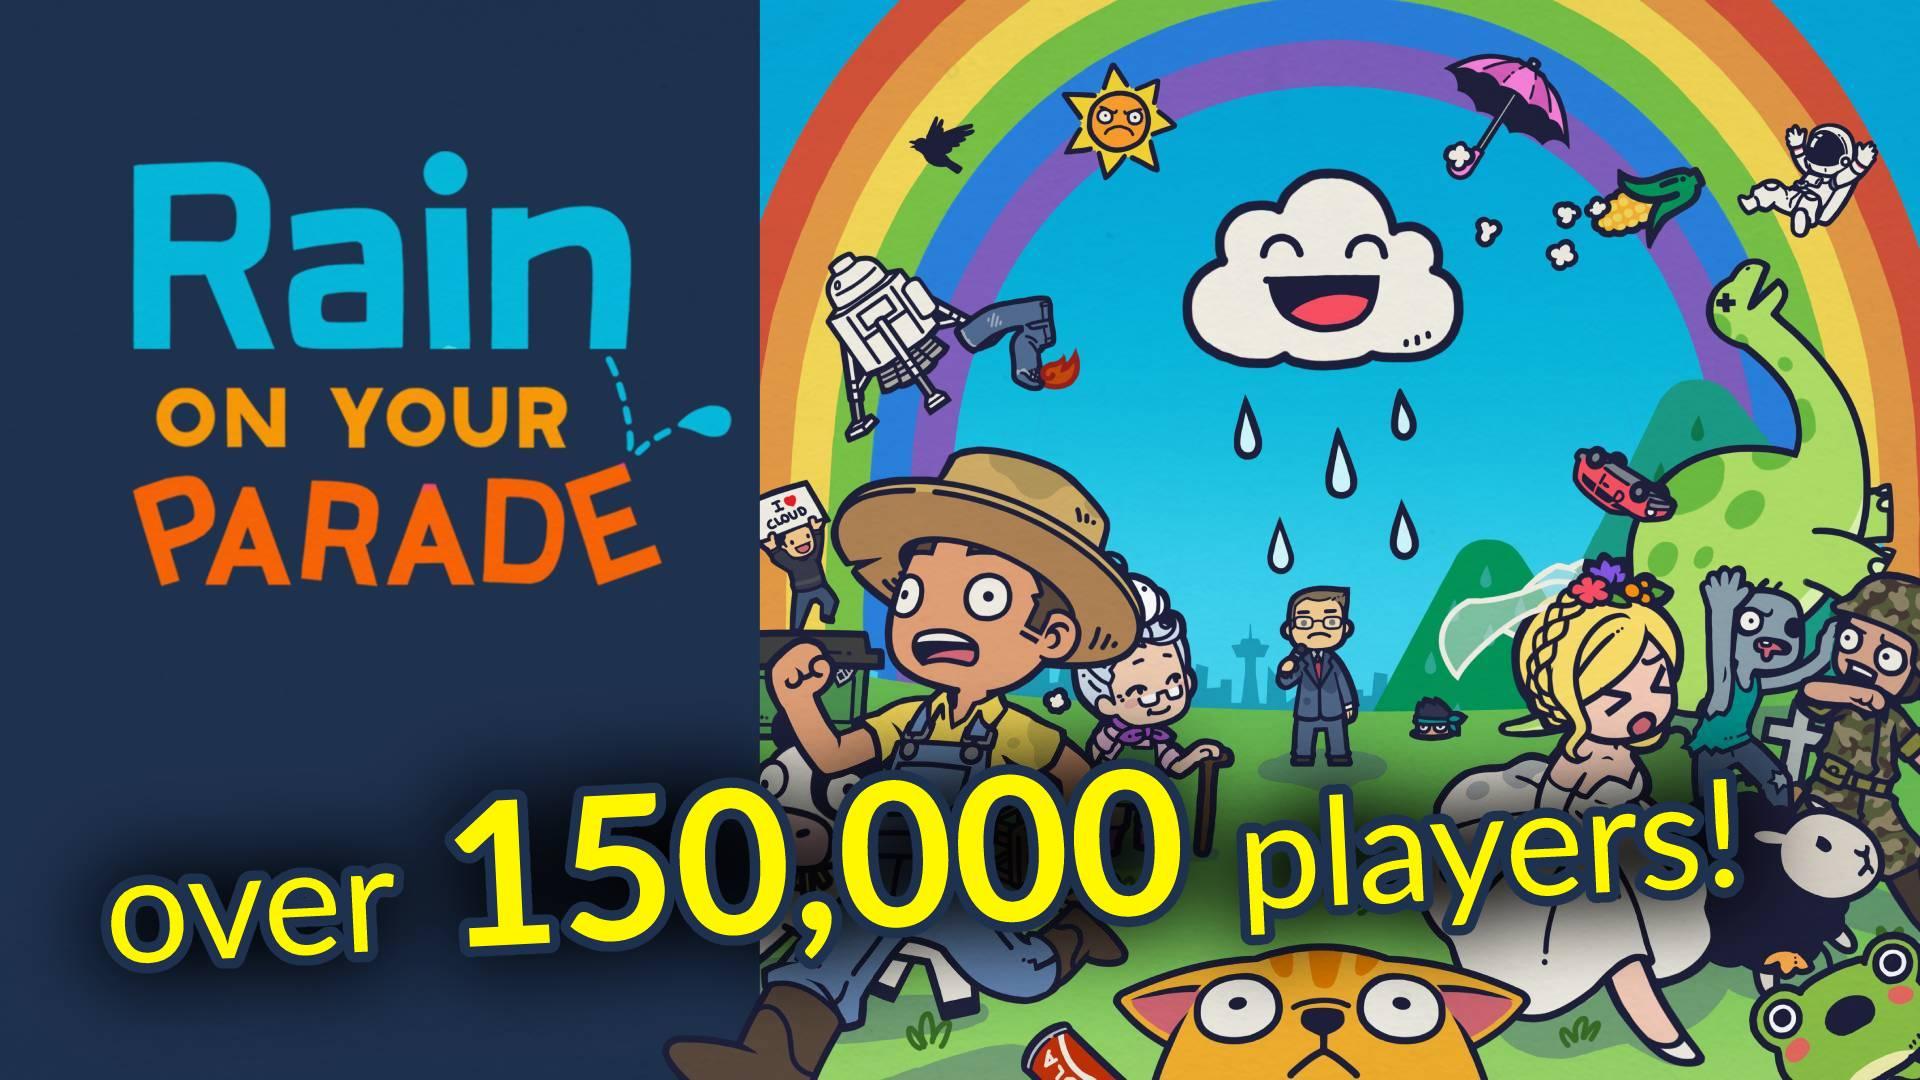 全く無名の新作インディーゲーム、ゲームパスに入ることで早くも15万プレイヤーを突破